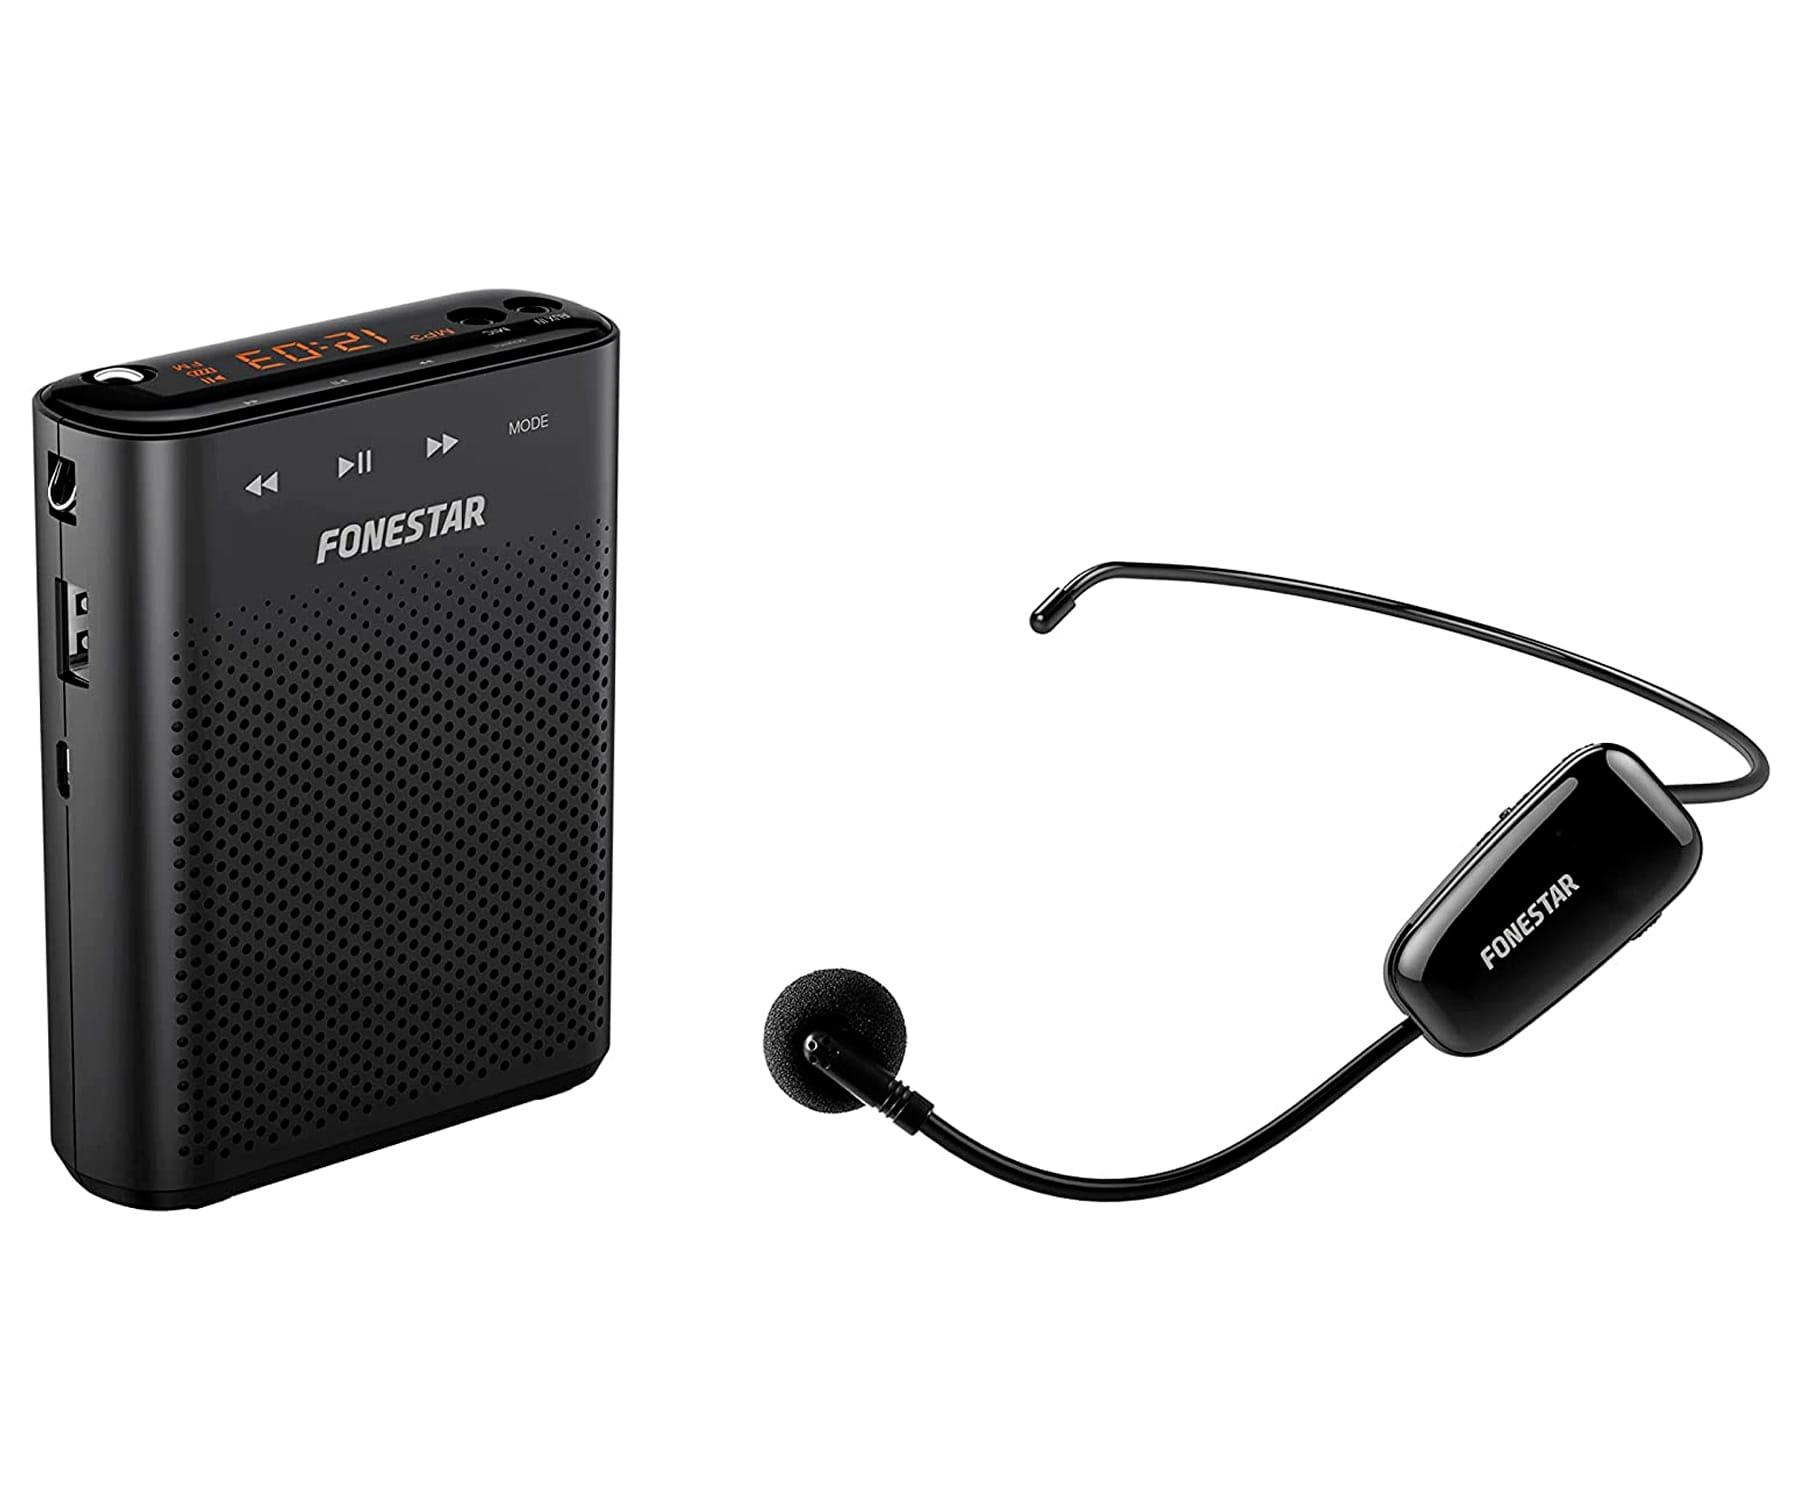 FONESTAR ALTA-VOZ-W30 AMPLIFICADOR PORTÁTIL PARA CINTURA CON MICRÓFONO Y GRABADOR USB/microSD/MP3